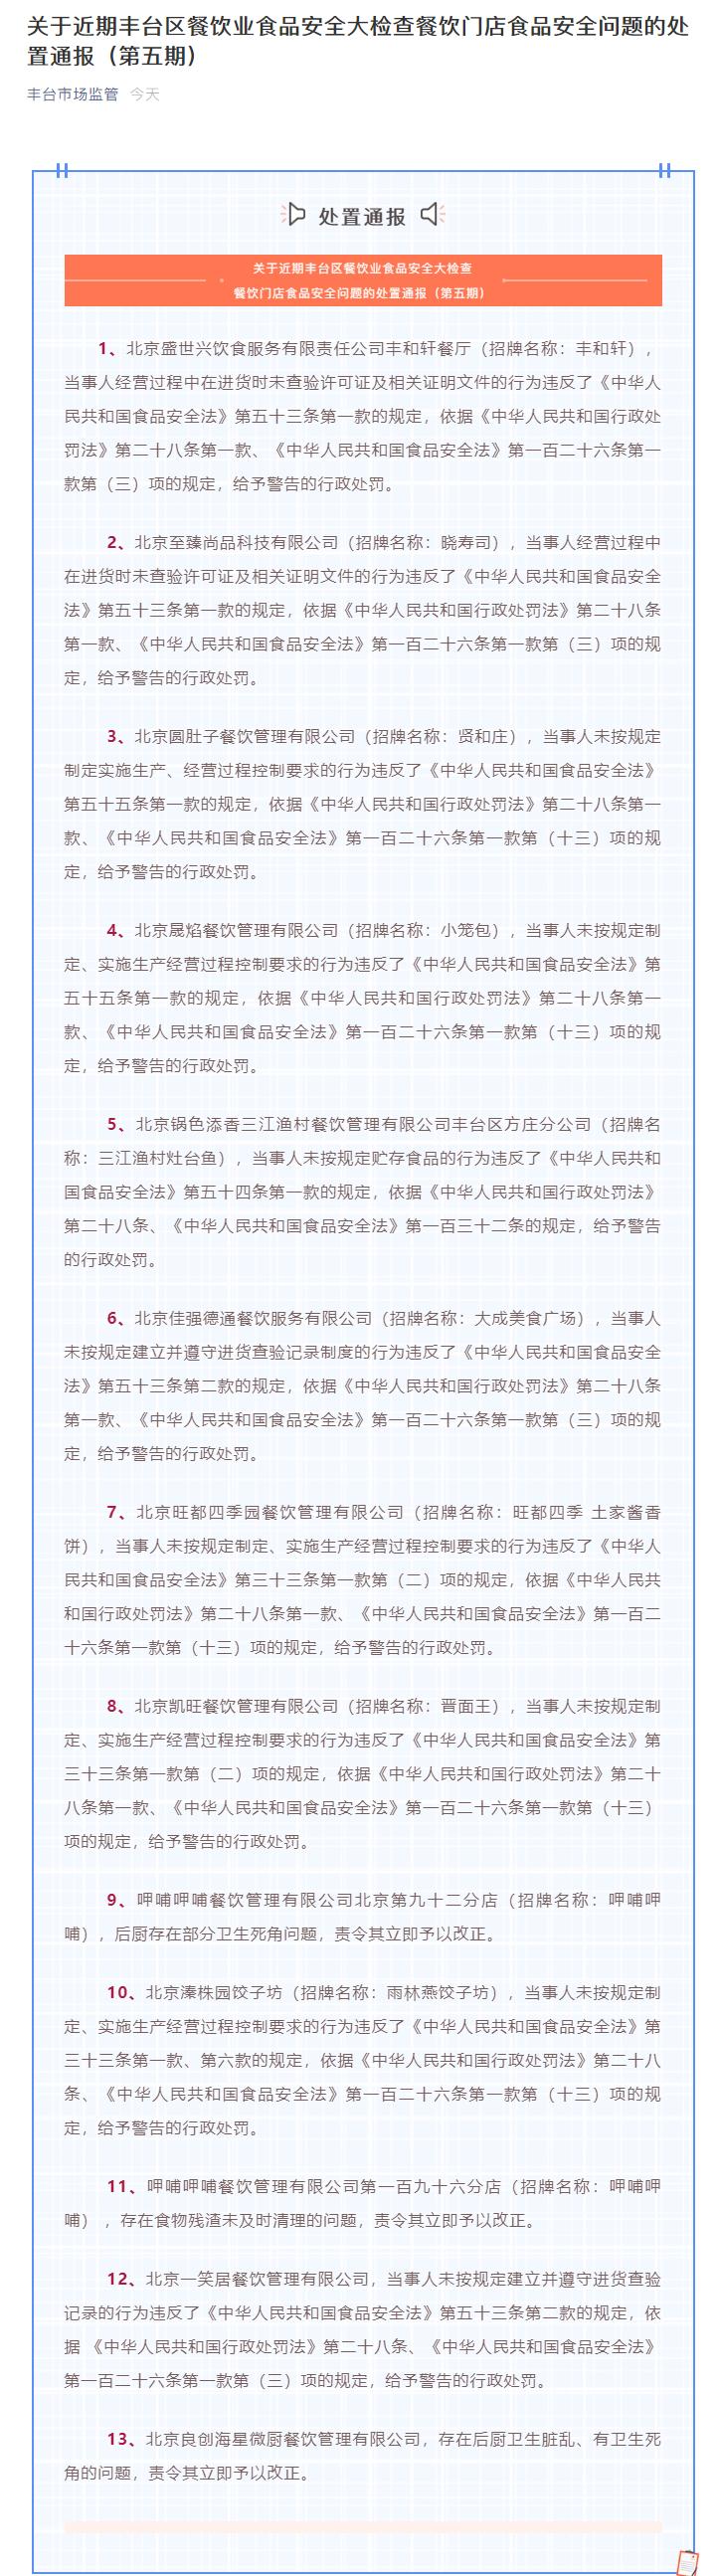 """北京丰台通报一批""""问题餐饮店"""" 晓寿司、贤和庄、呷哺呷哺等上榜"""